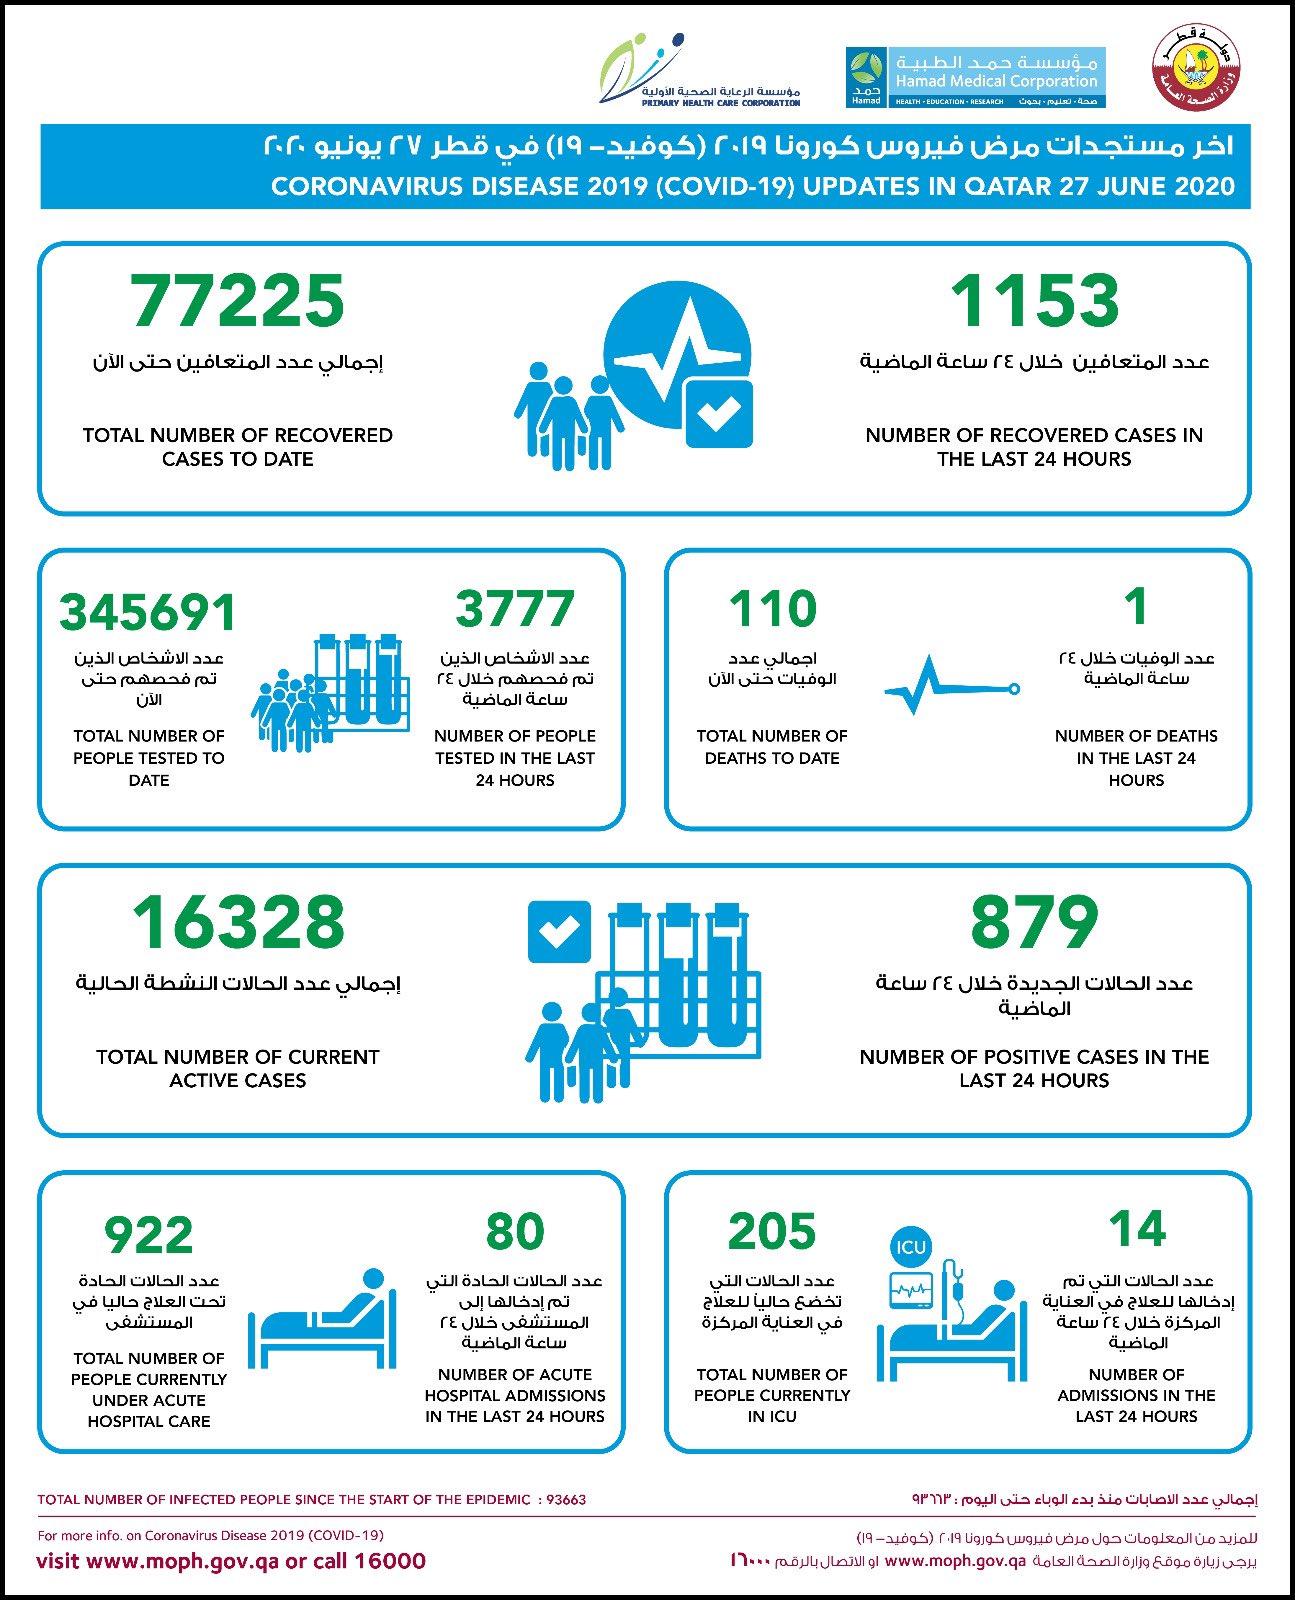 央视新闻客户端卡塔尔新增879例新冠肺炎确诊病例